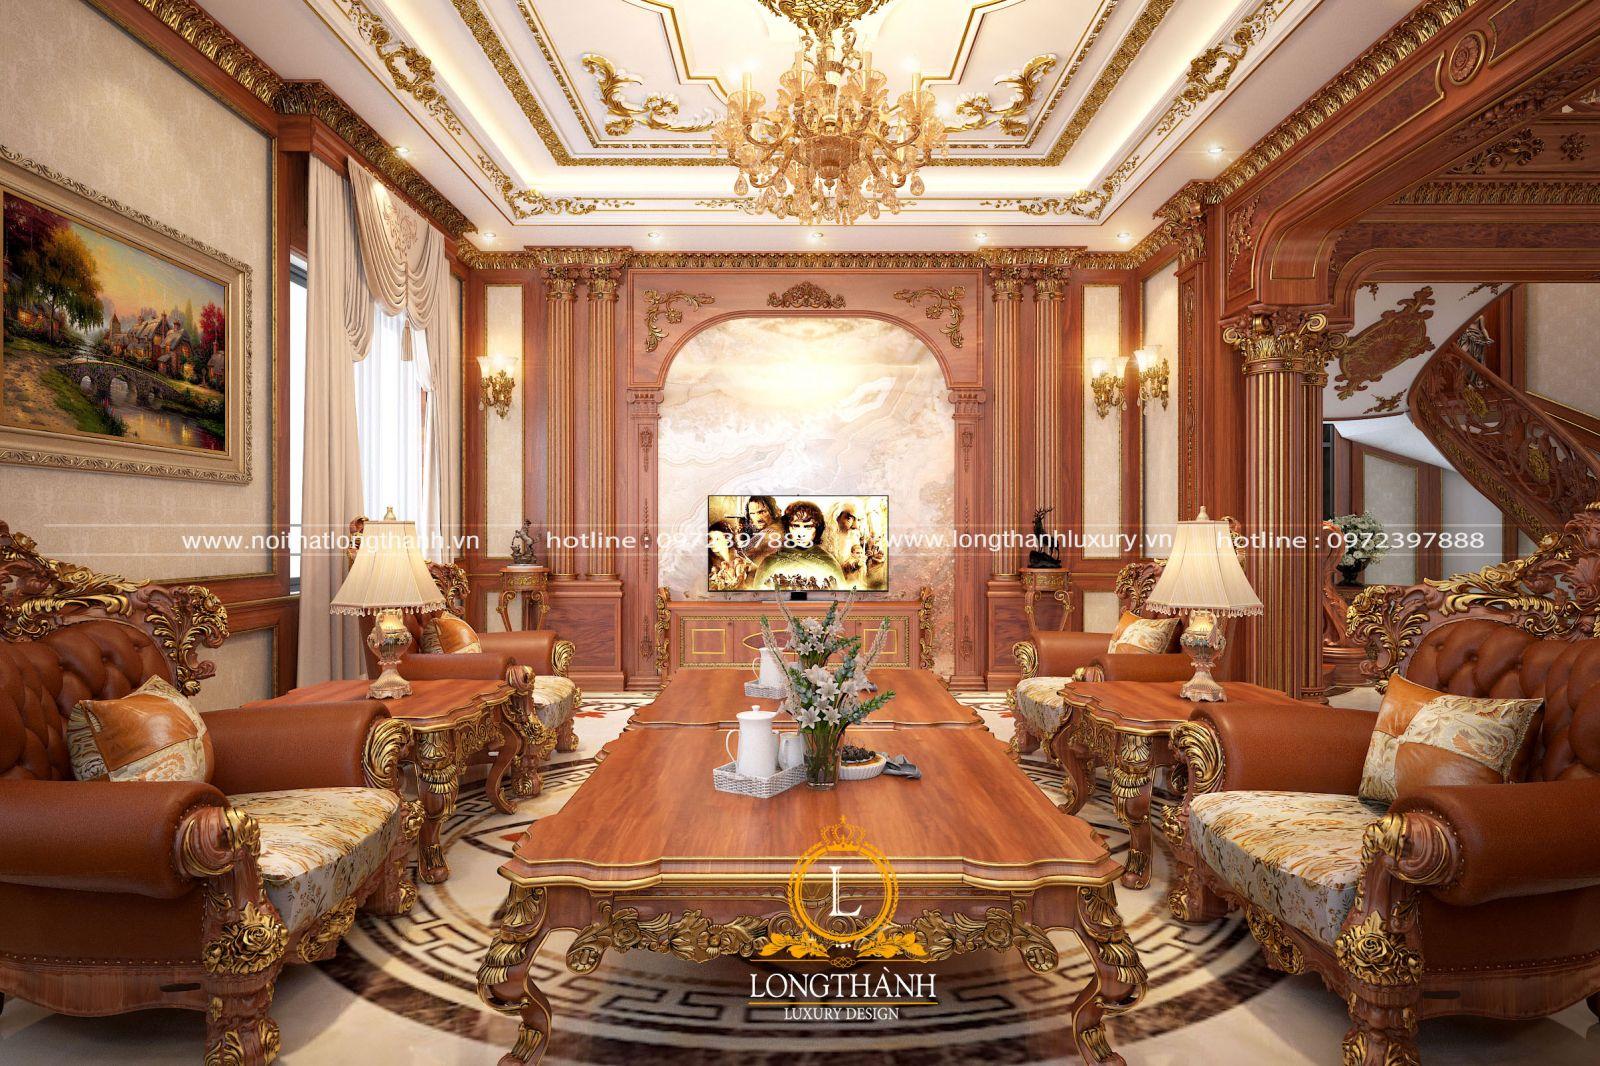 Thiết kế nội thất đẹp cho không gian phòng khách biệt thự